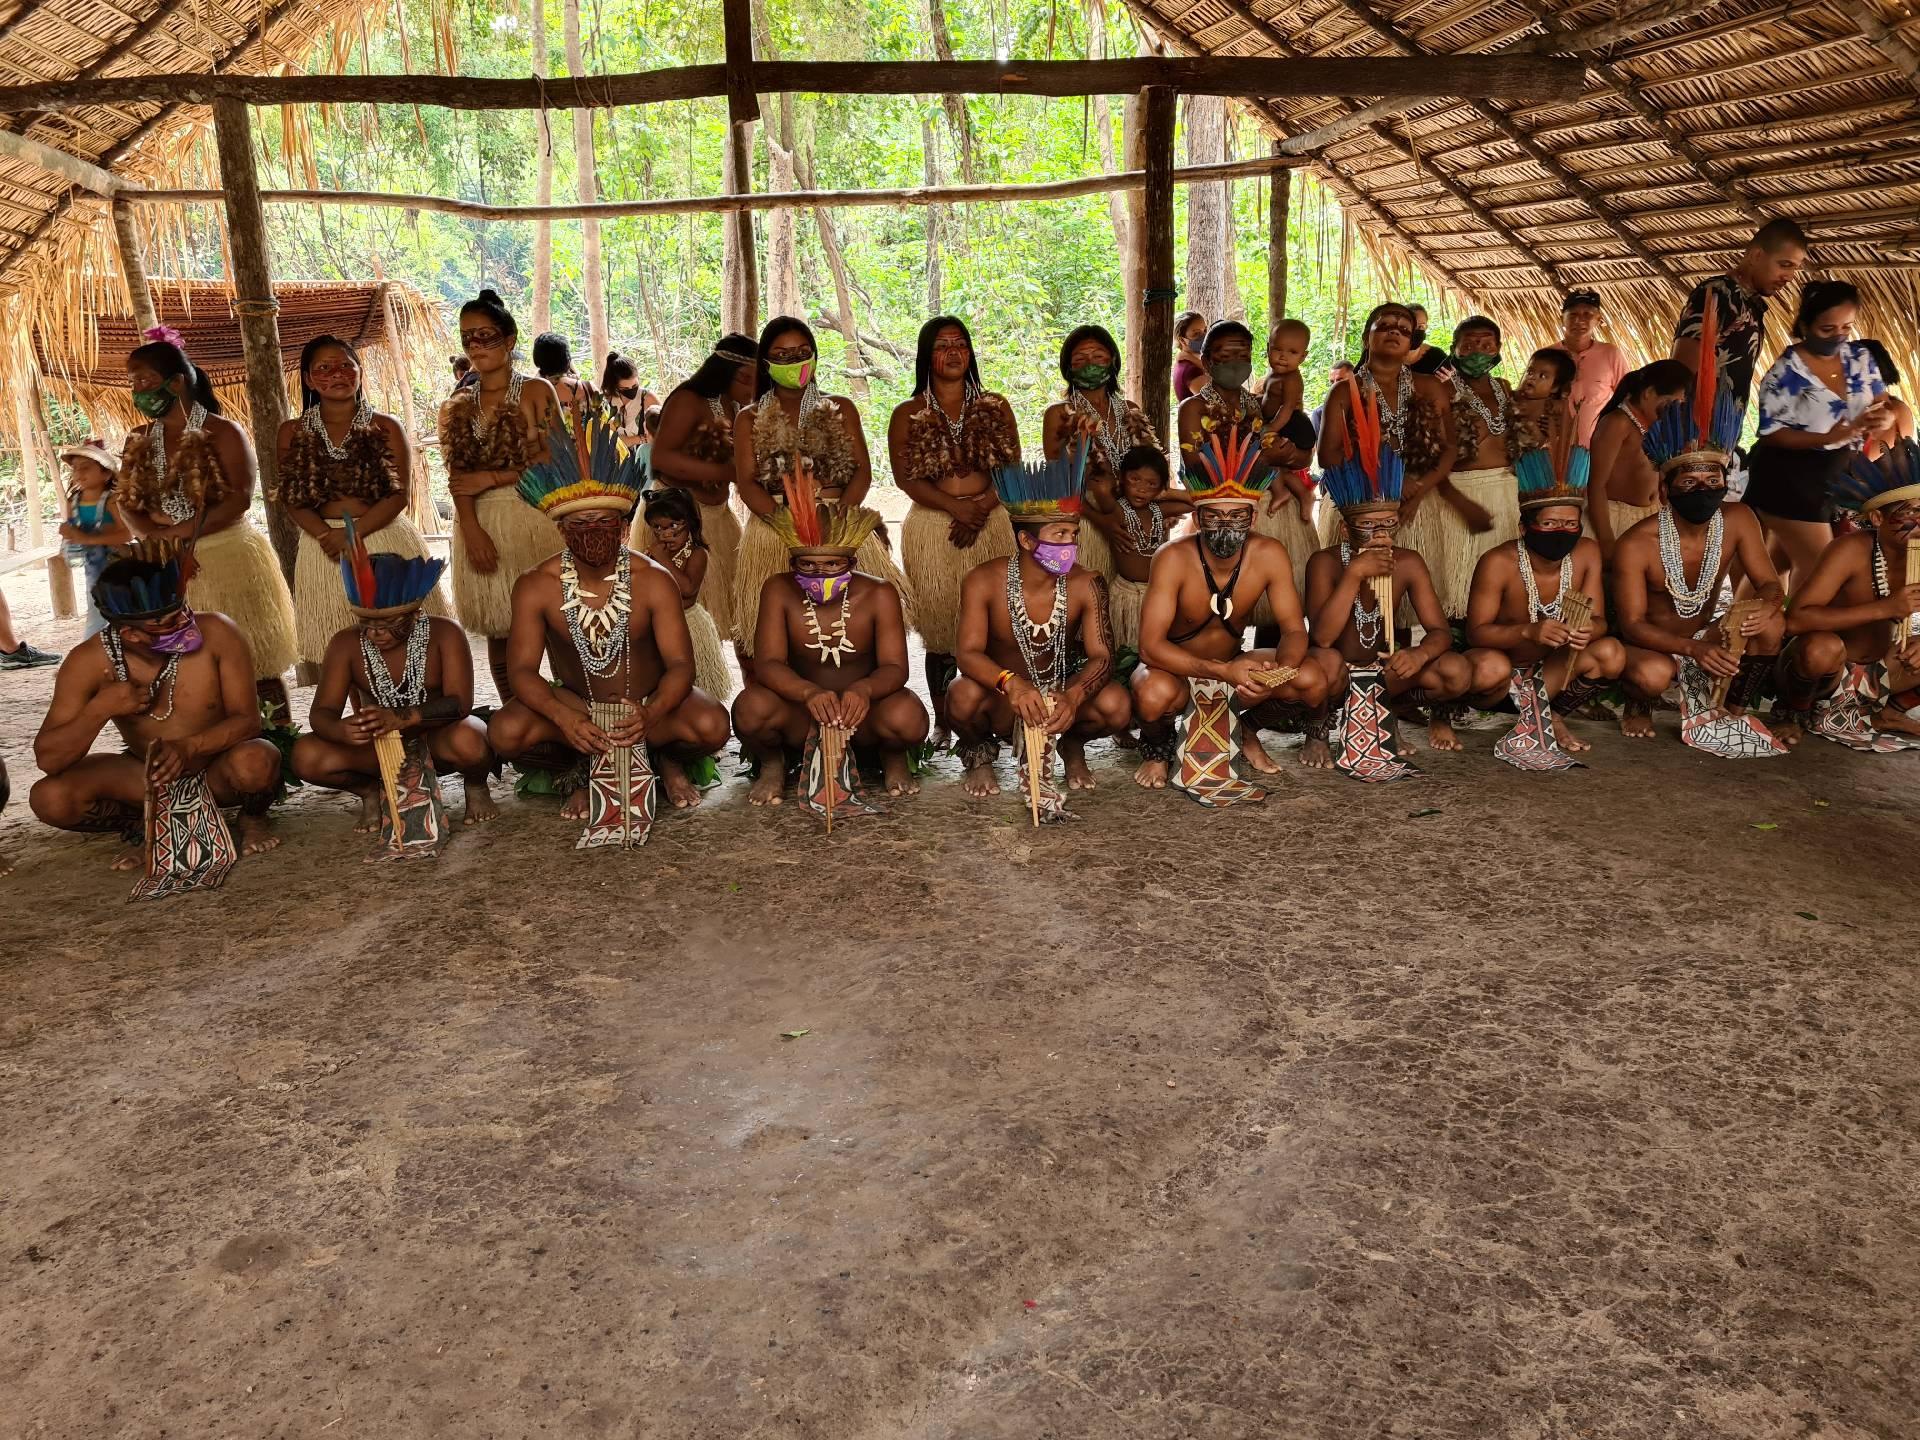 племя индейцев в Южной Америке